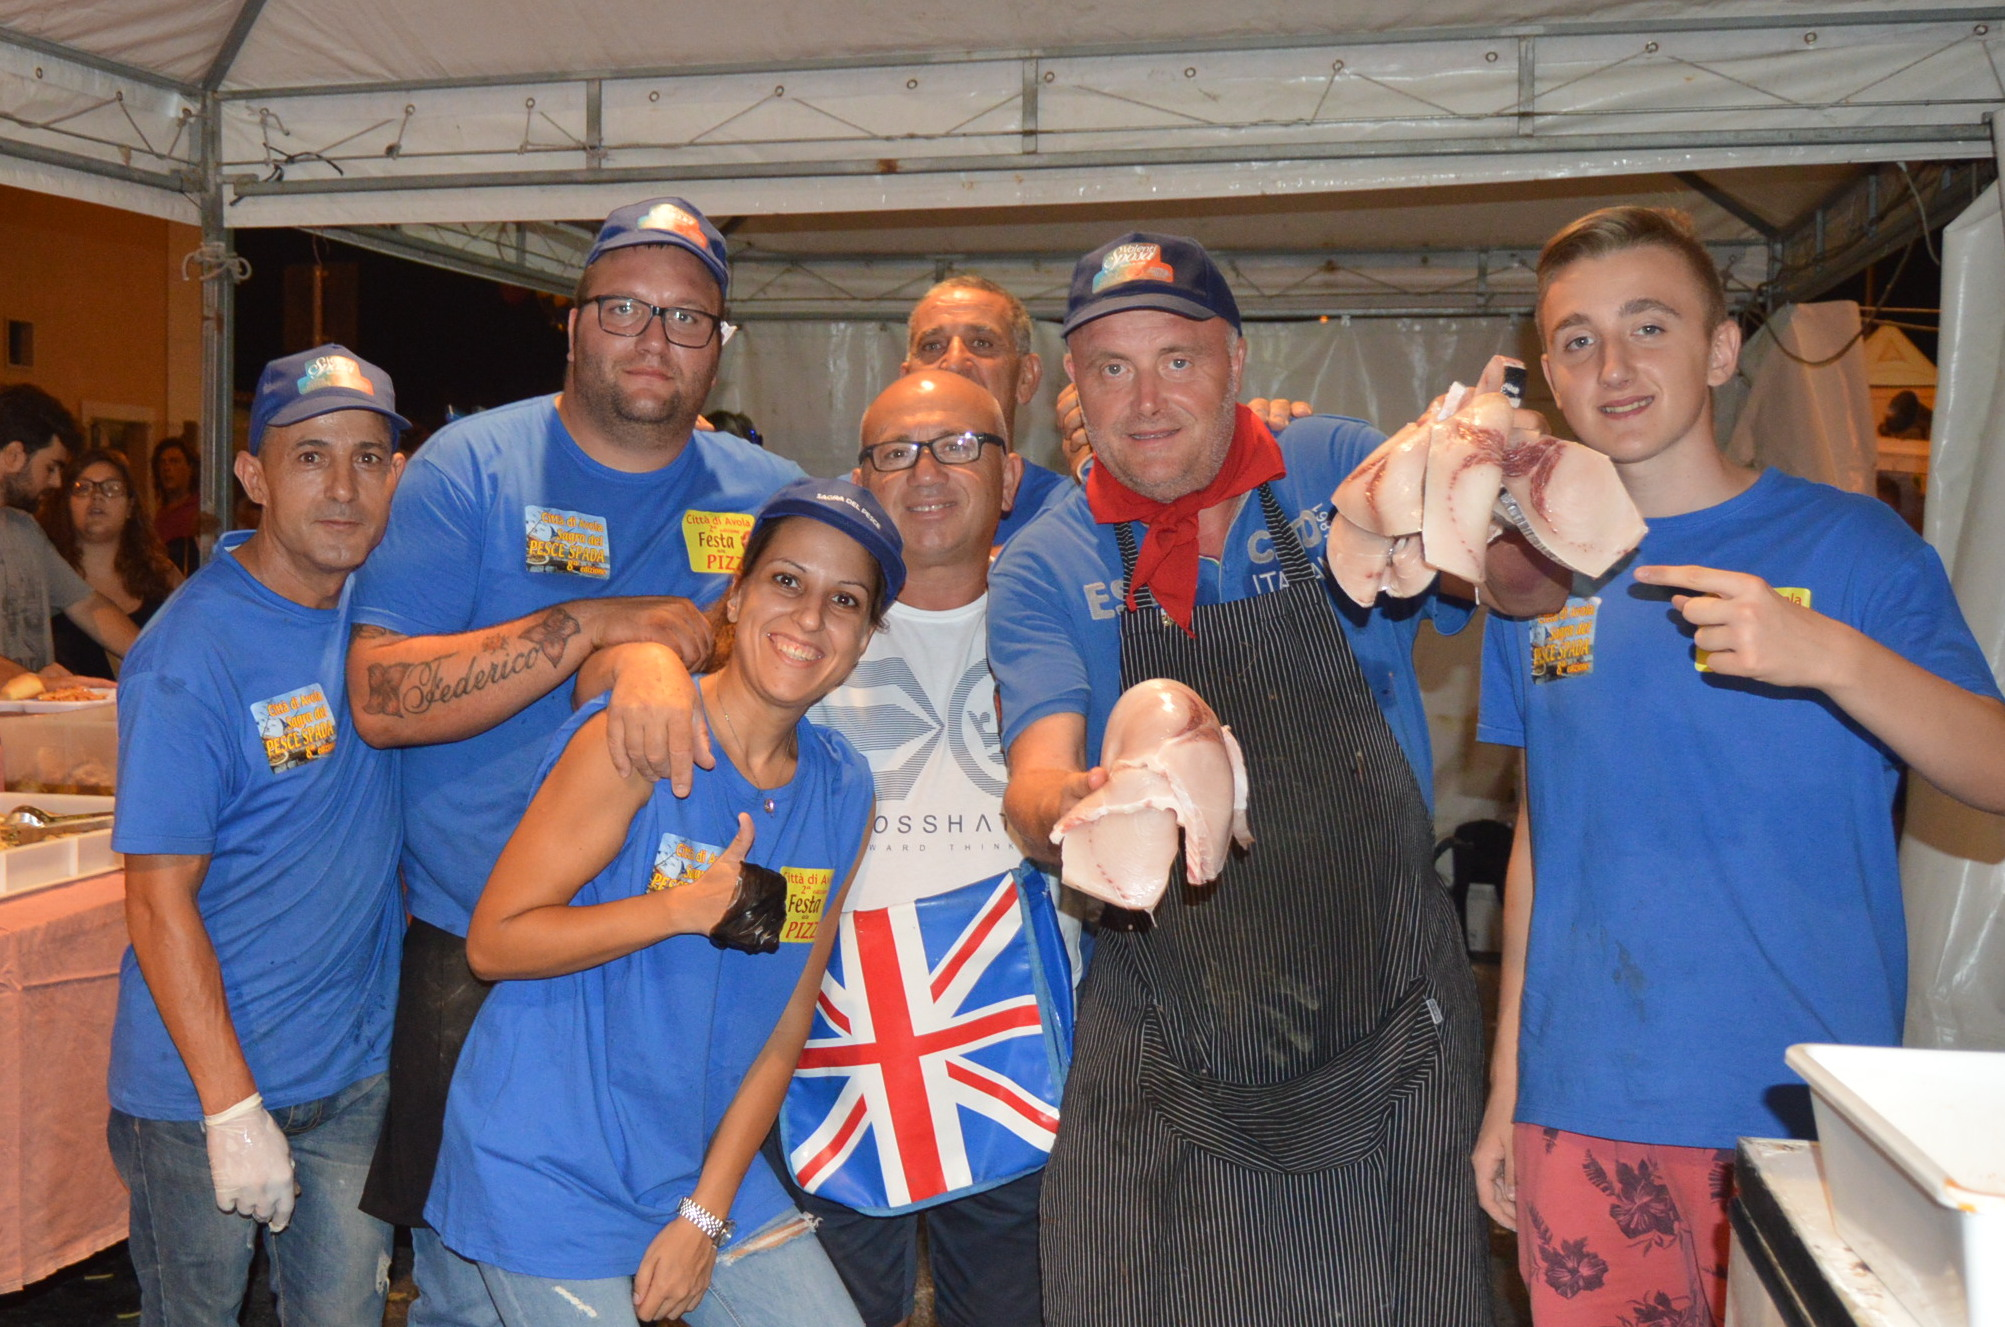 Sagra del pesce spada ad Avola, Michele Magliocco vince la scommessa